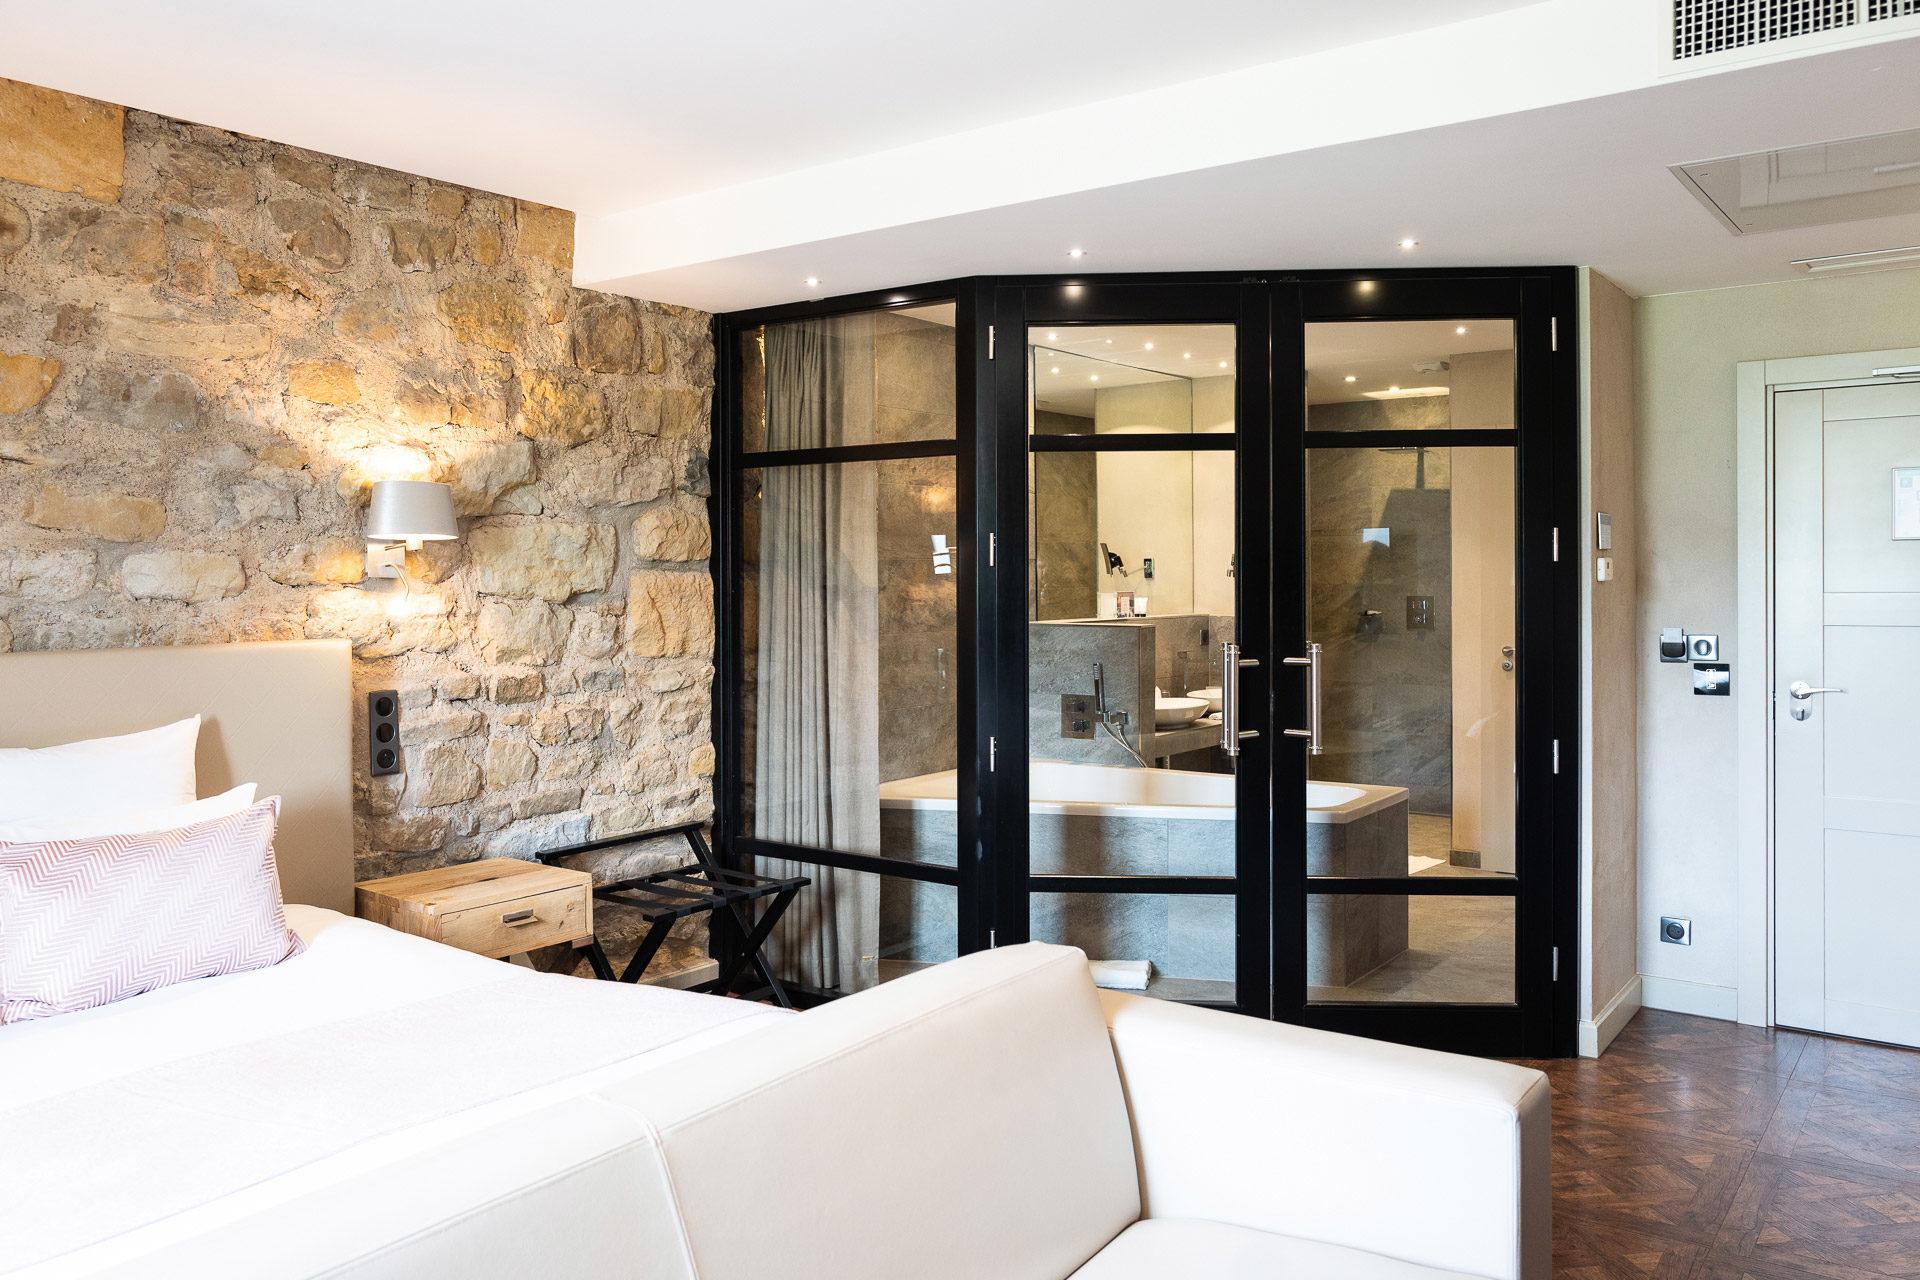 Menuiserie George Hotel porte double vitrée en bois noir